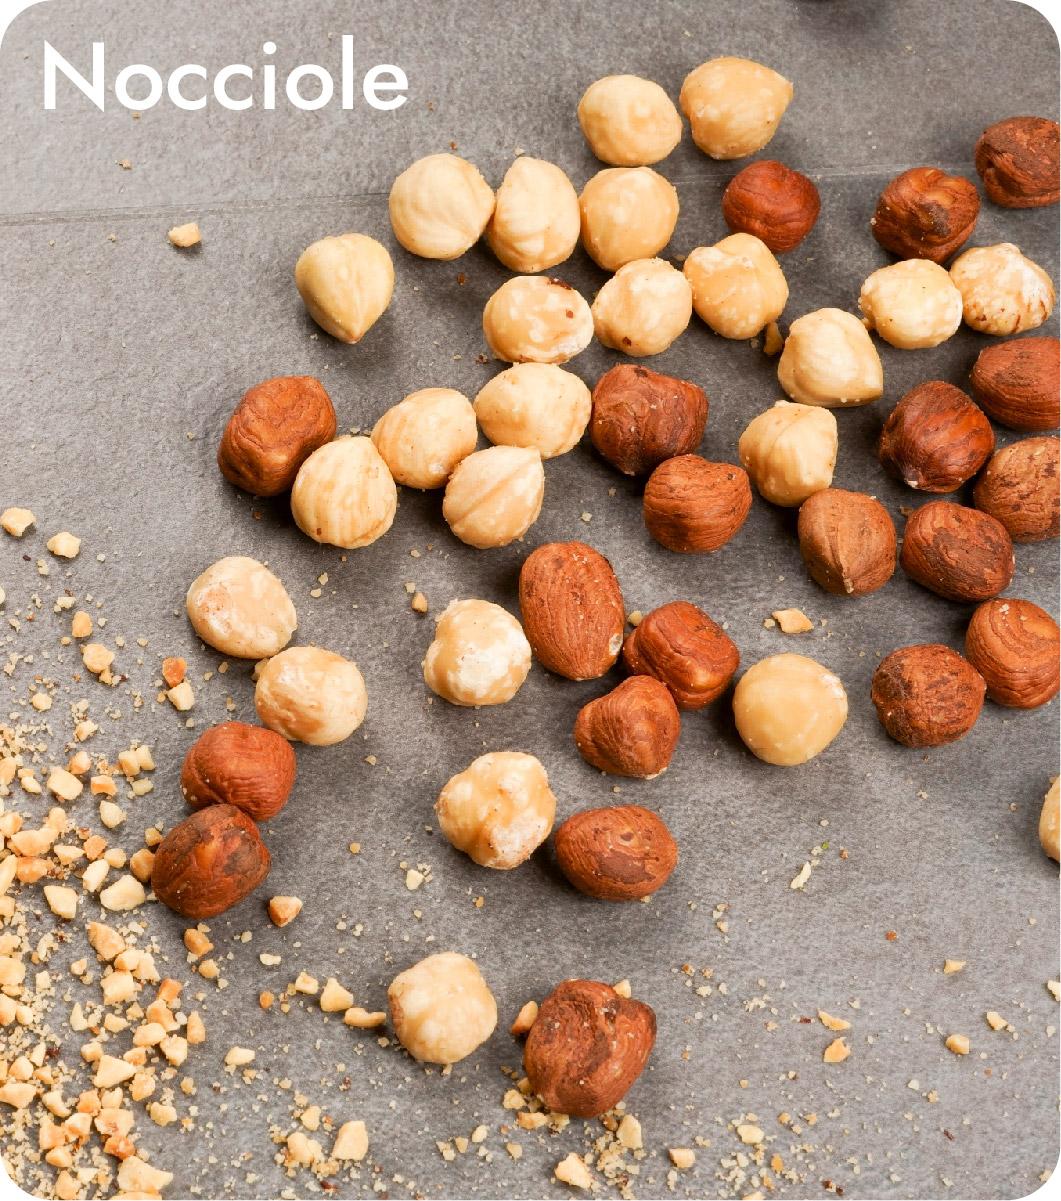 nocciole-fruit-service-bronte.jpg